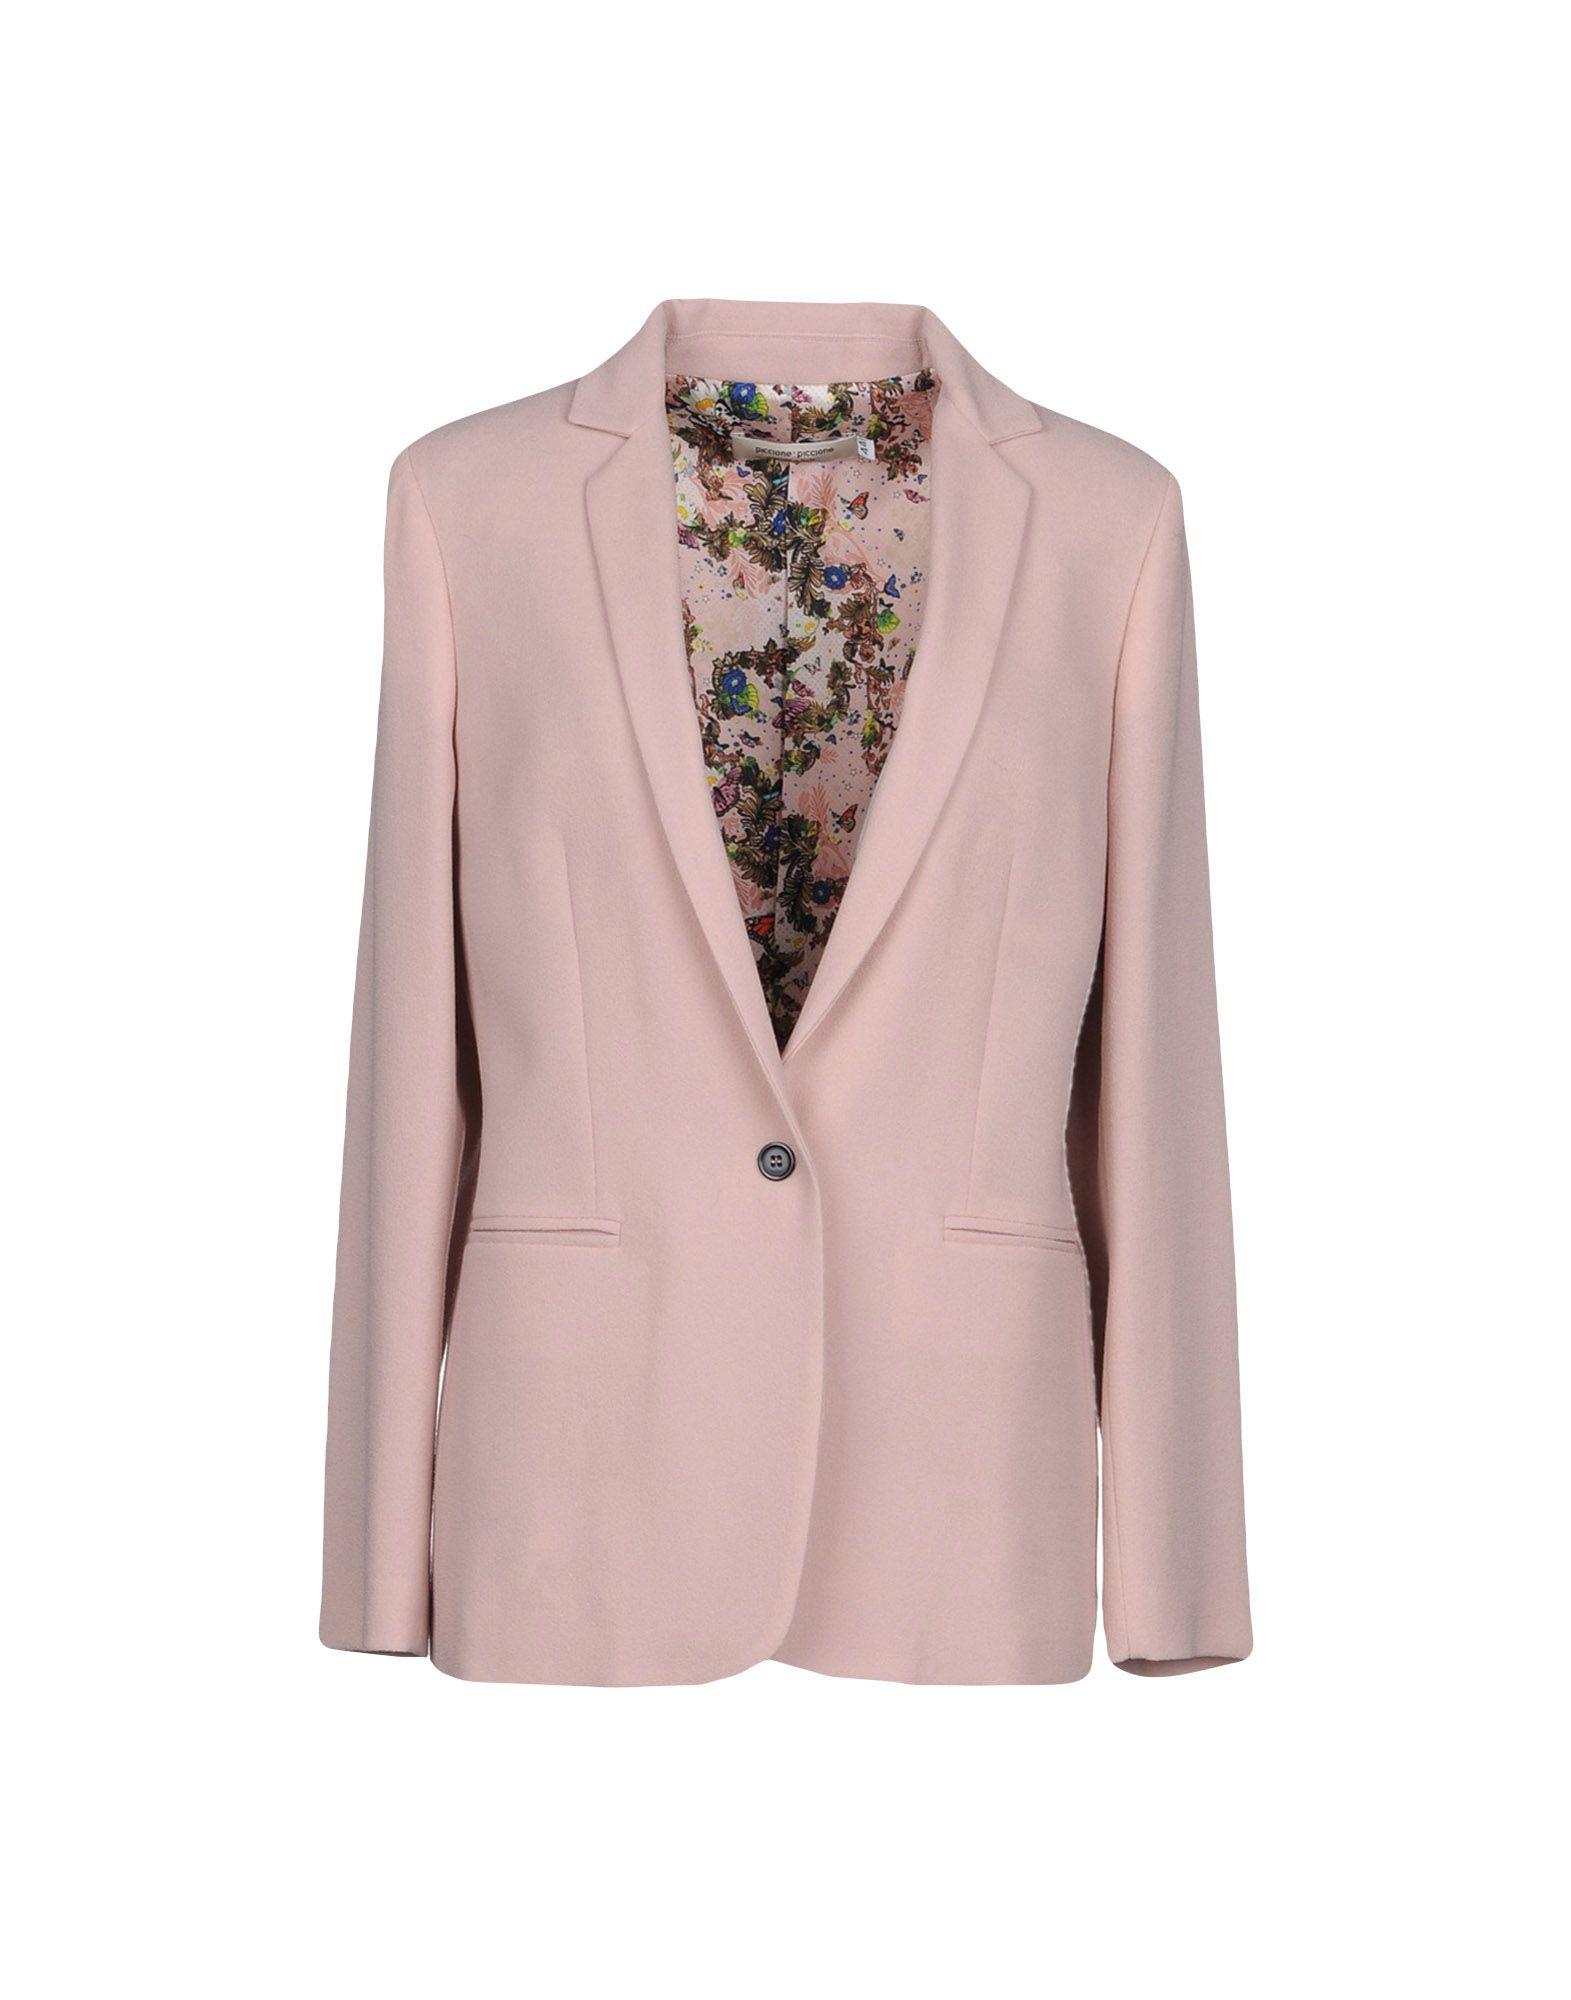 PICCIONE.PICCIONE Blazer in Pale Pink